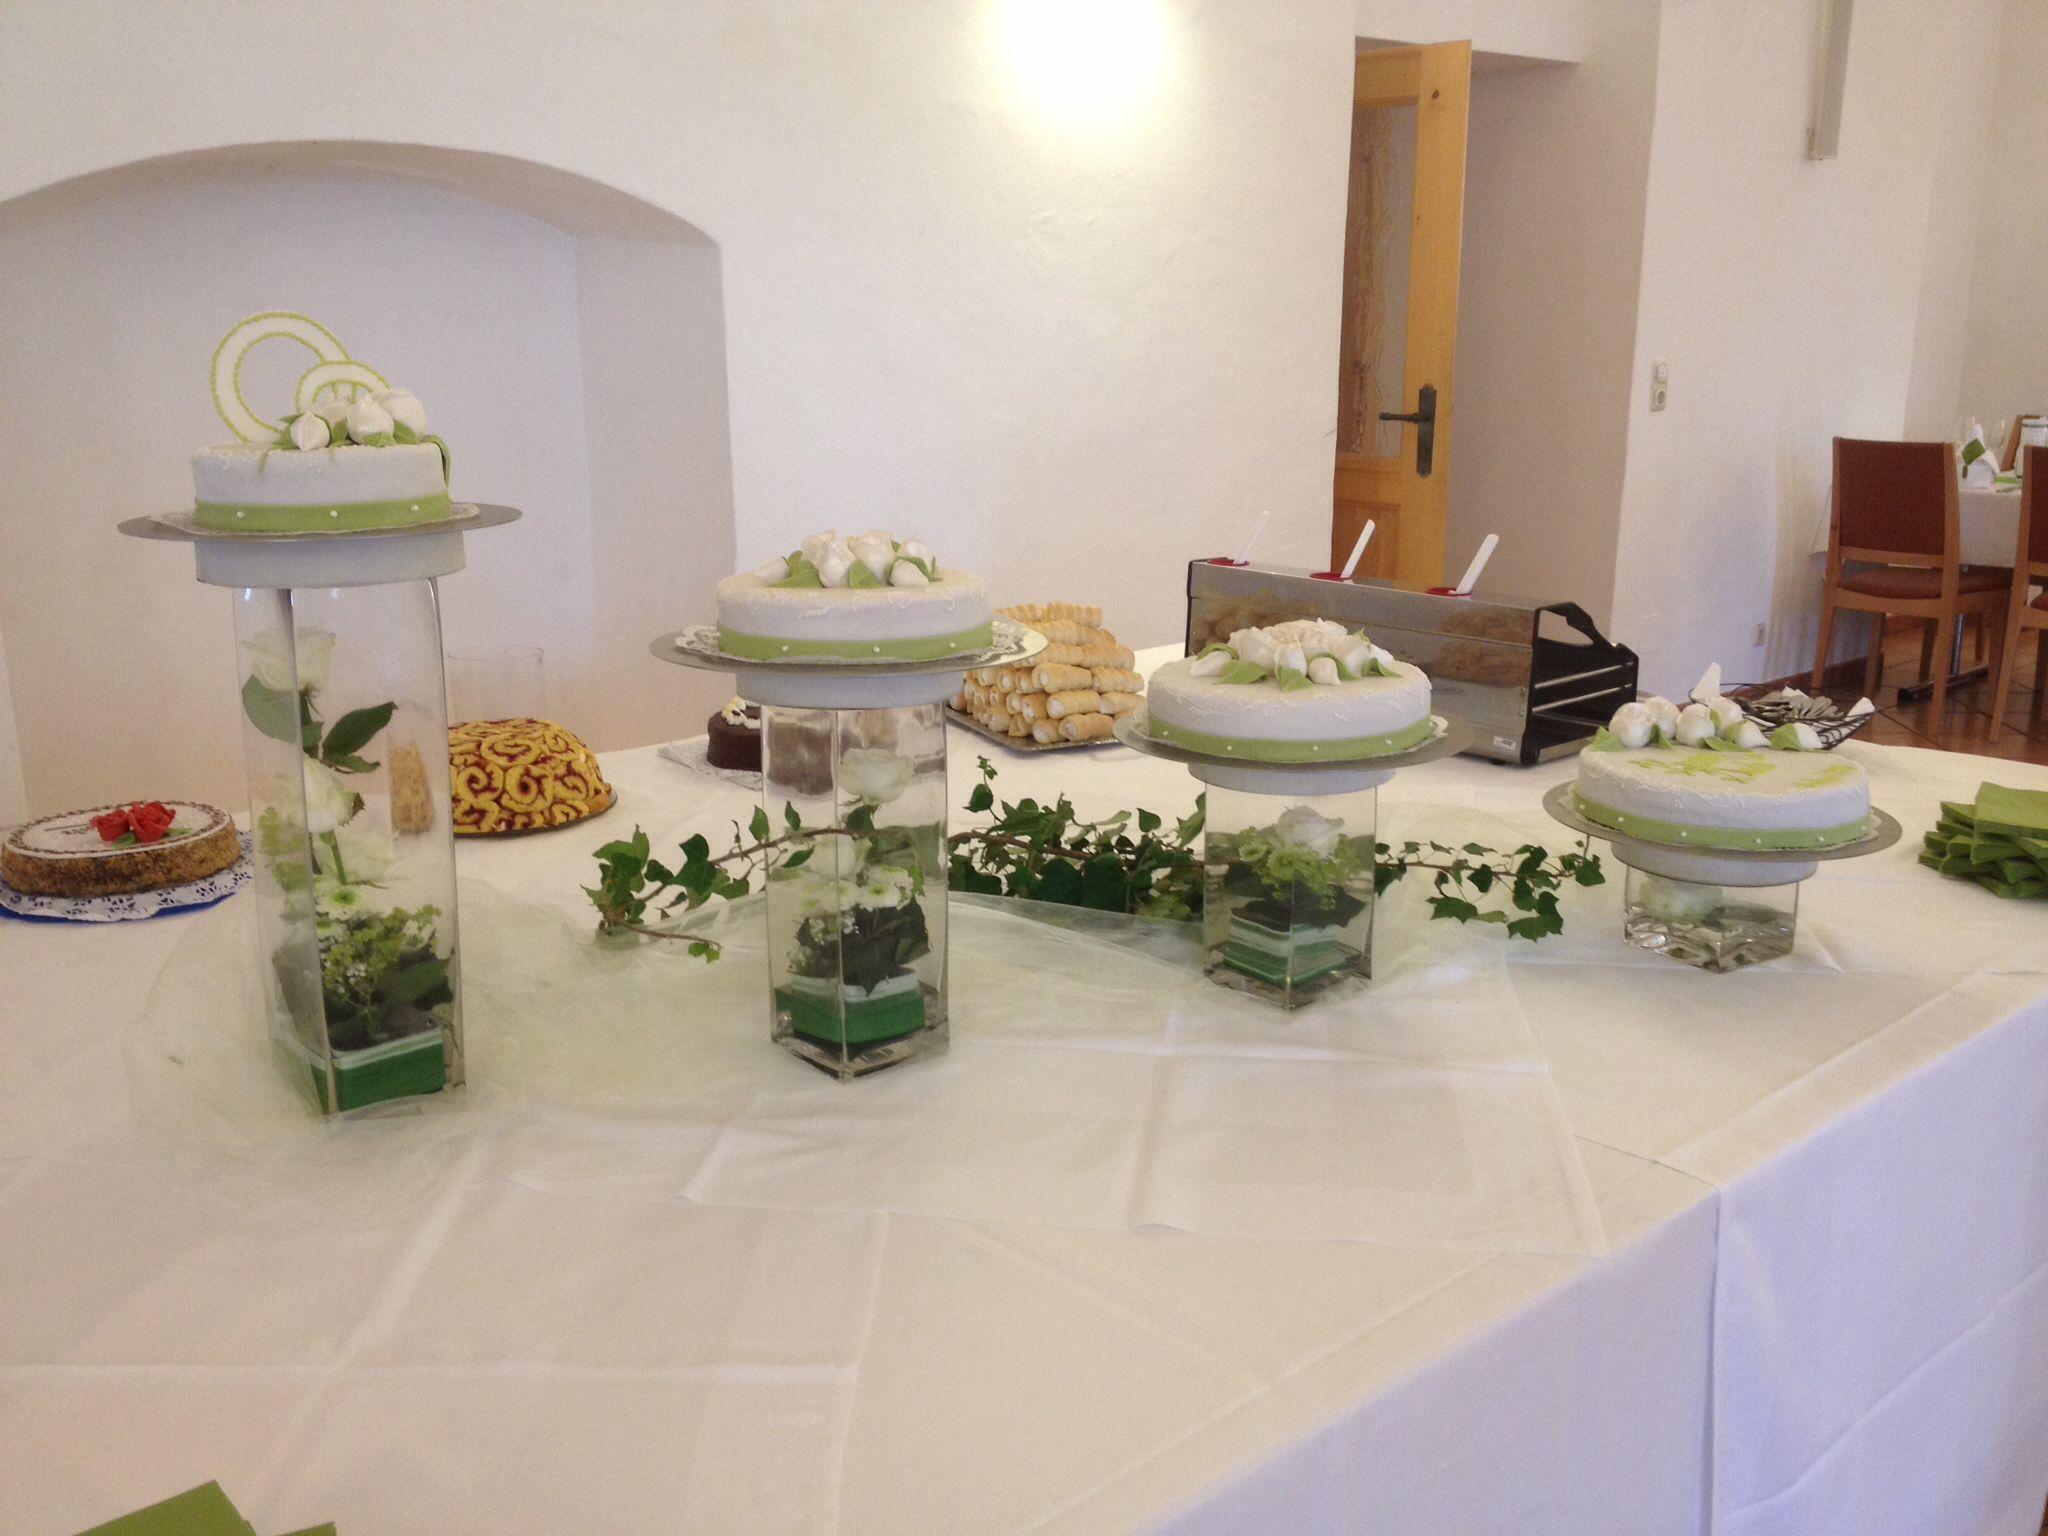 Hochzeitstorte mit Glasvasen und Blumendekoration